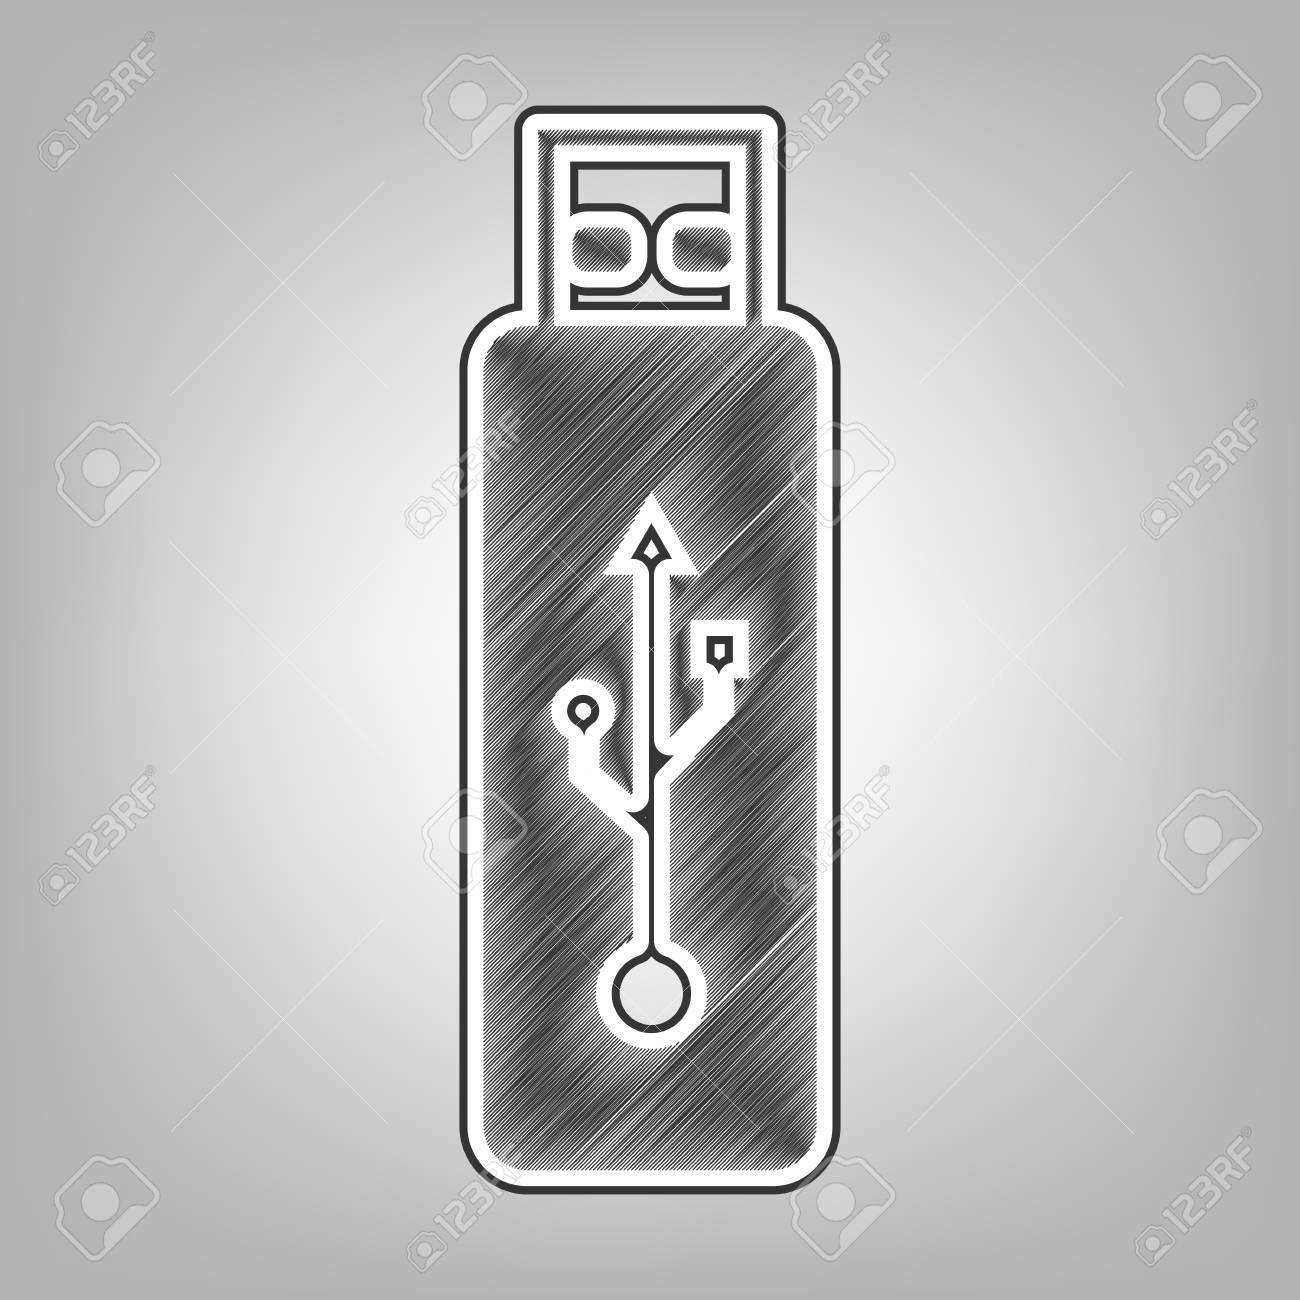 Signo De Unidad Flash Usb De Vector Vector Dibujo A Lápiz De Imitación Icono De Garabato Gris Oscuro Con Contorno Exterior Gris Oscuro En El Fondo